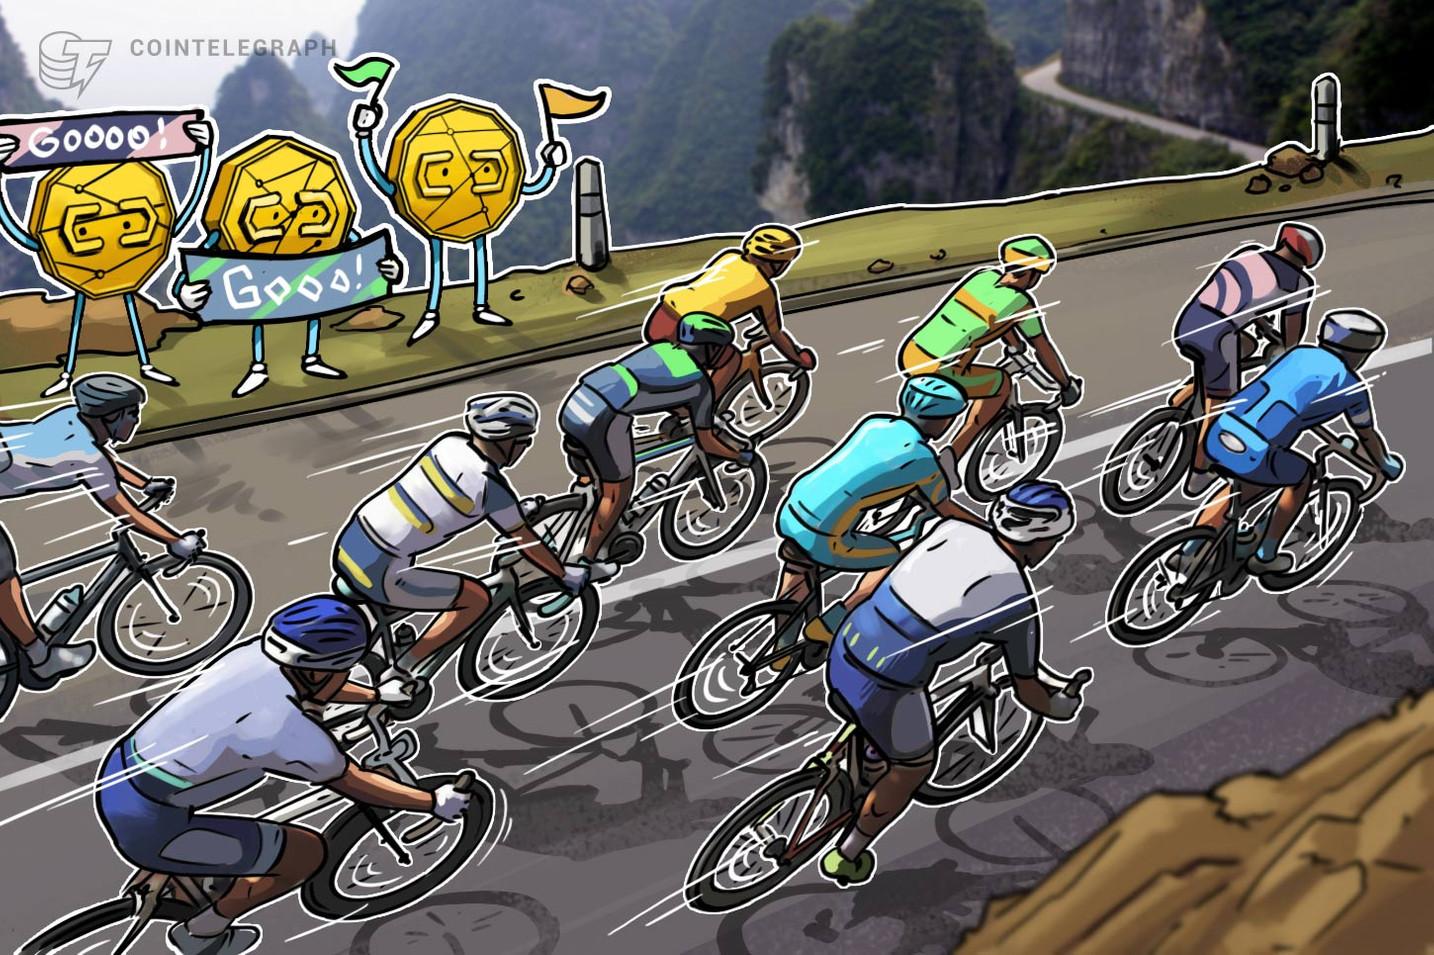 """أول """"دراجة إلكترونية تولِّد العملات الرقمية"""" في العالم تجني ٢٦ دولارًا أمريكيًا لكل ١٦٠٠ كيلومتر"""